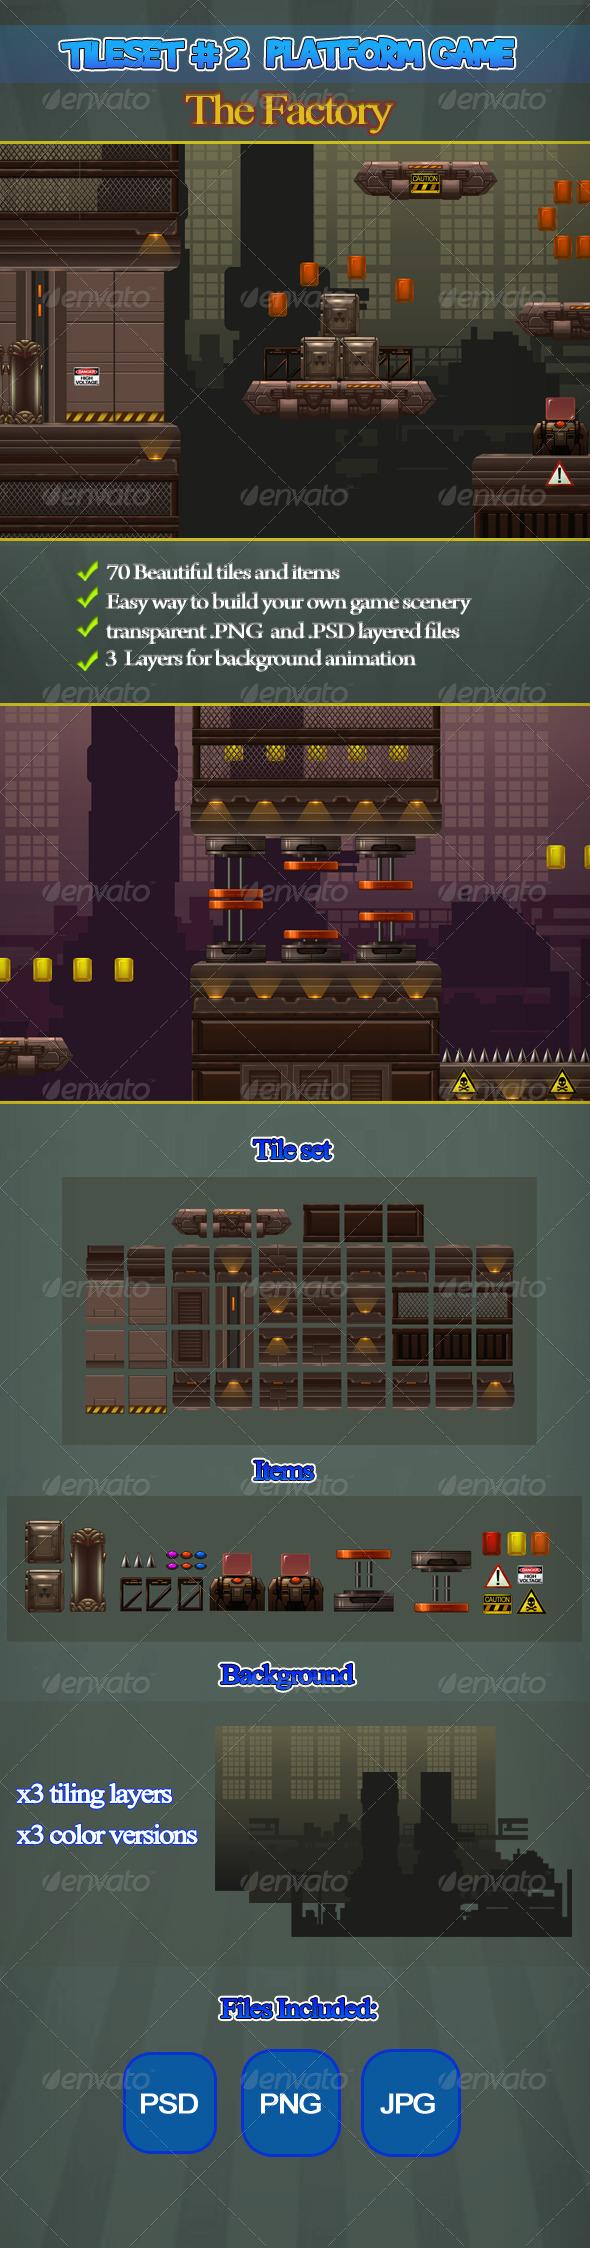 2D Tileset Platform Game 2 - Tilesets Game Assets